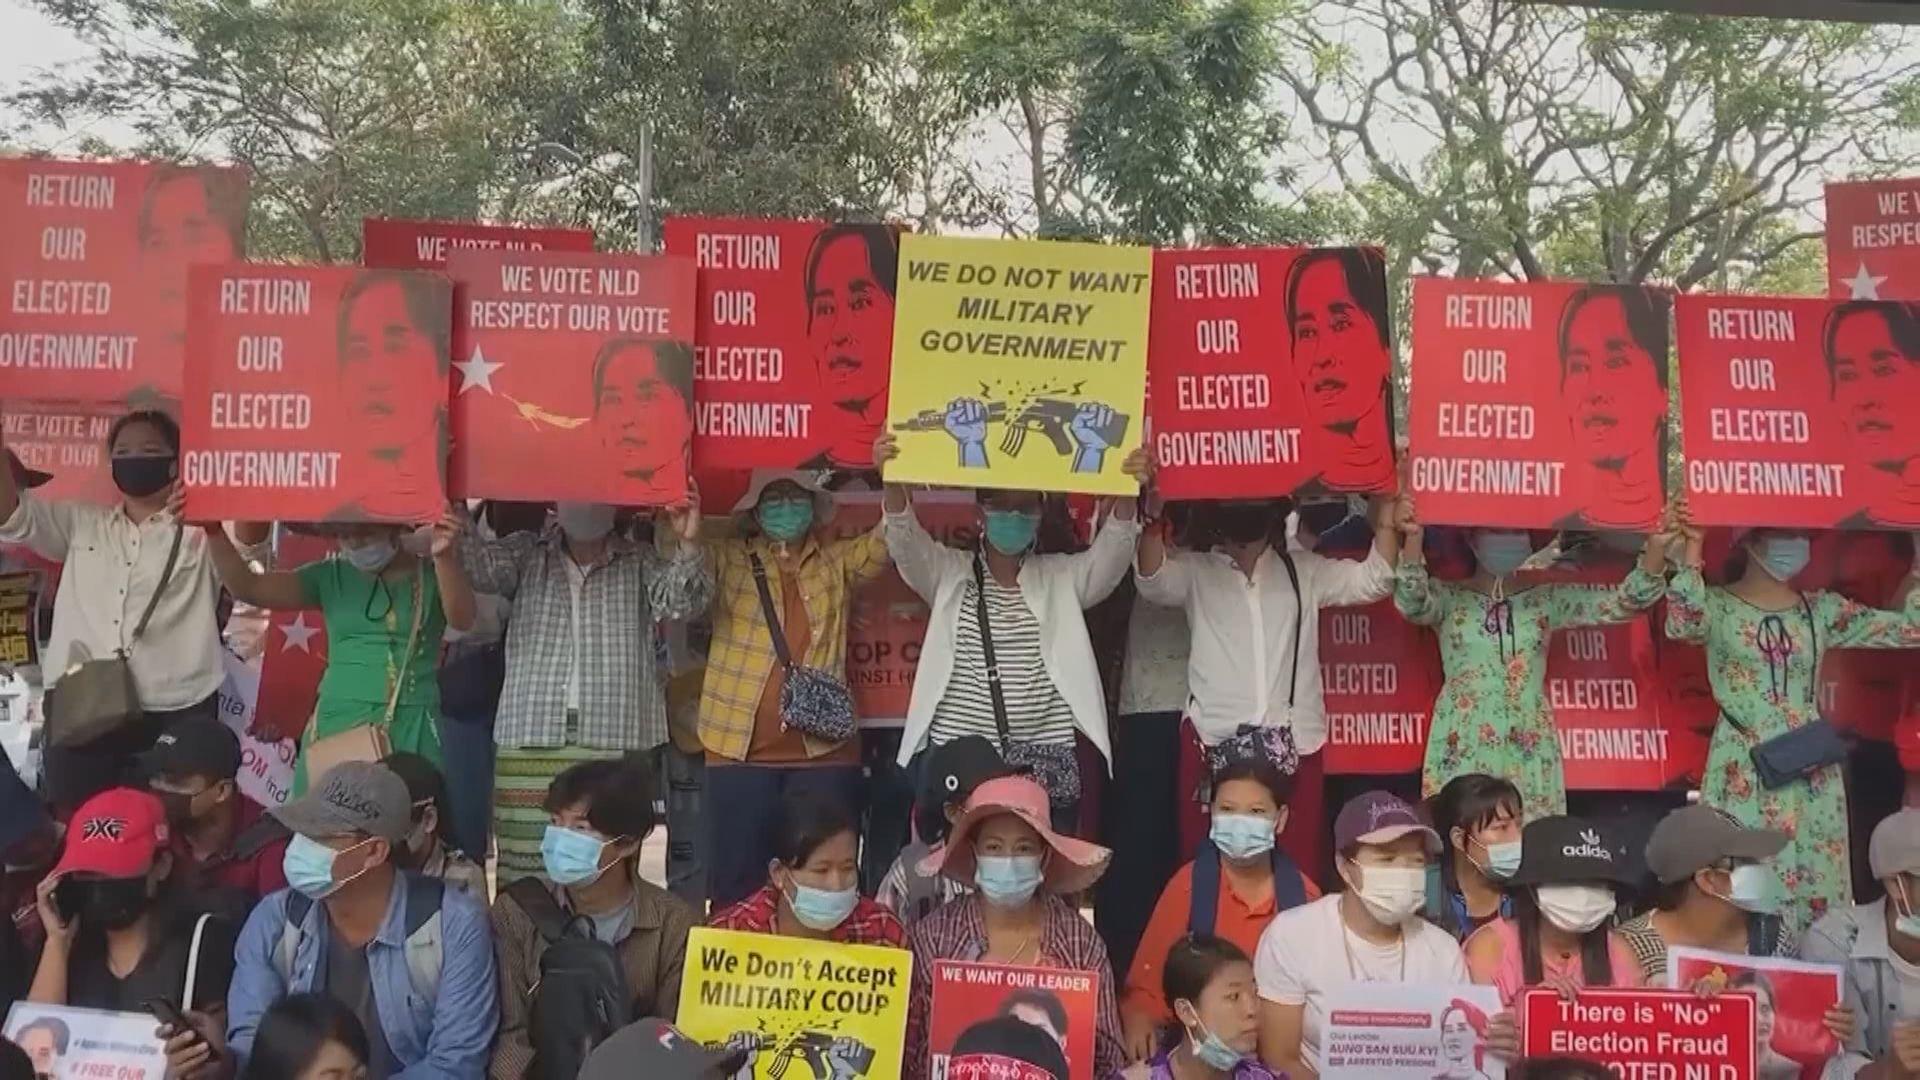 緬甸公民抗命運動號召周一大規模集會